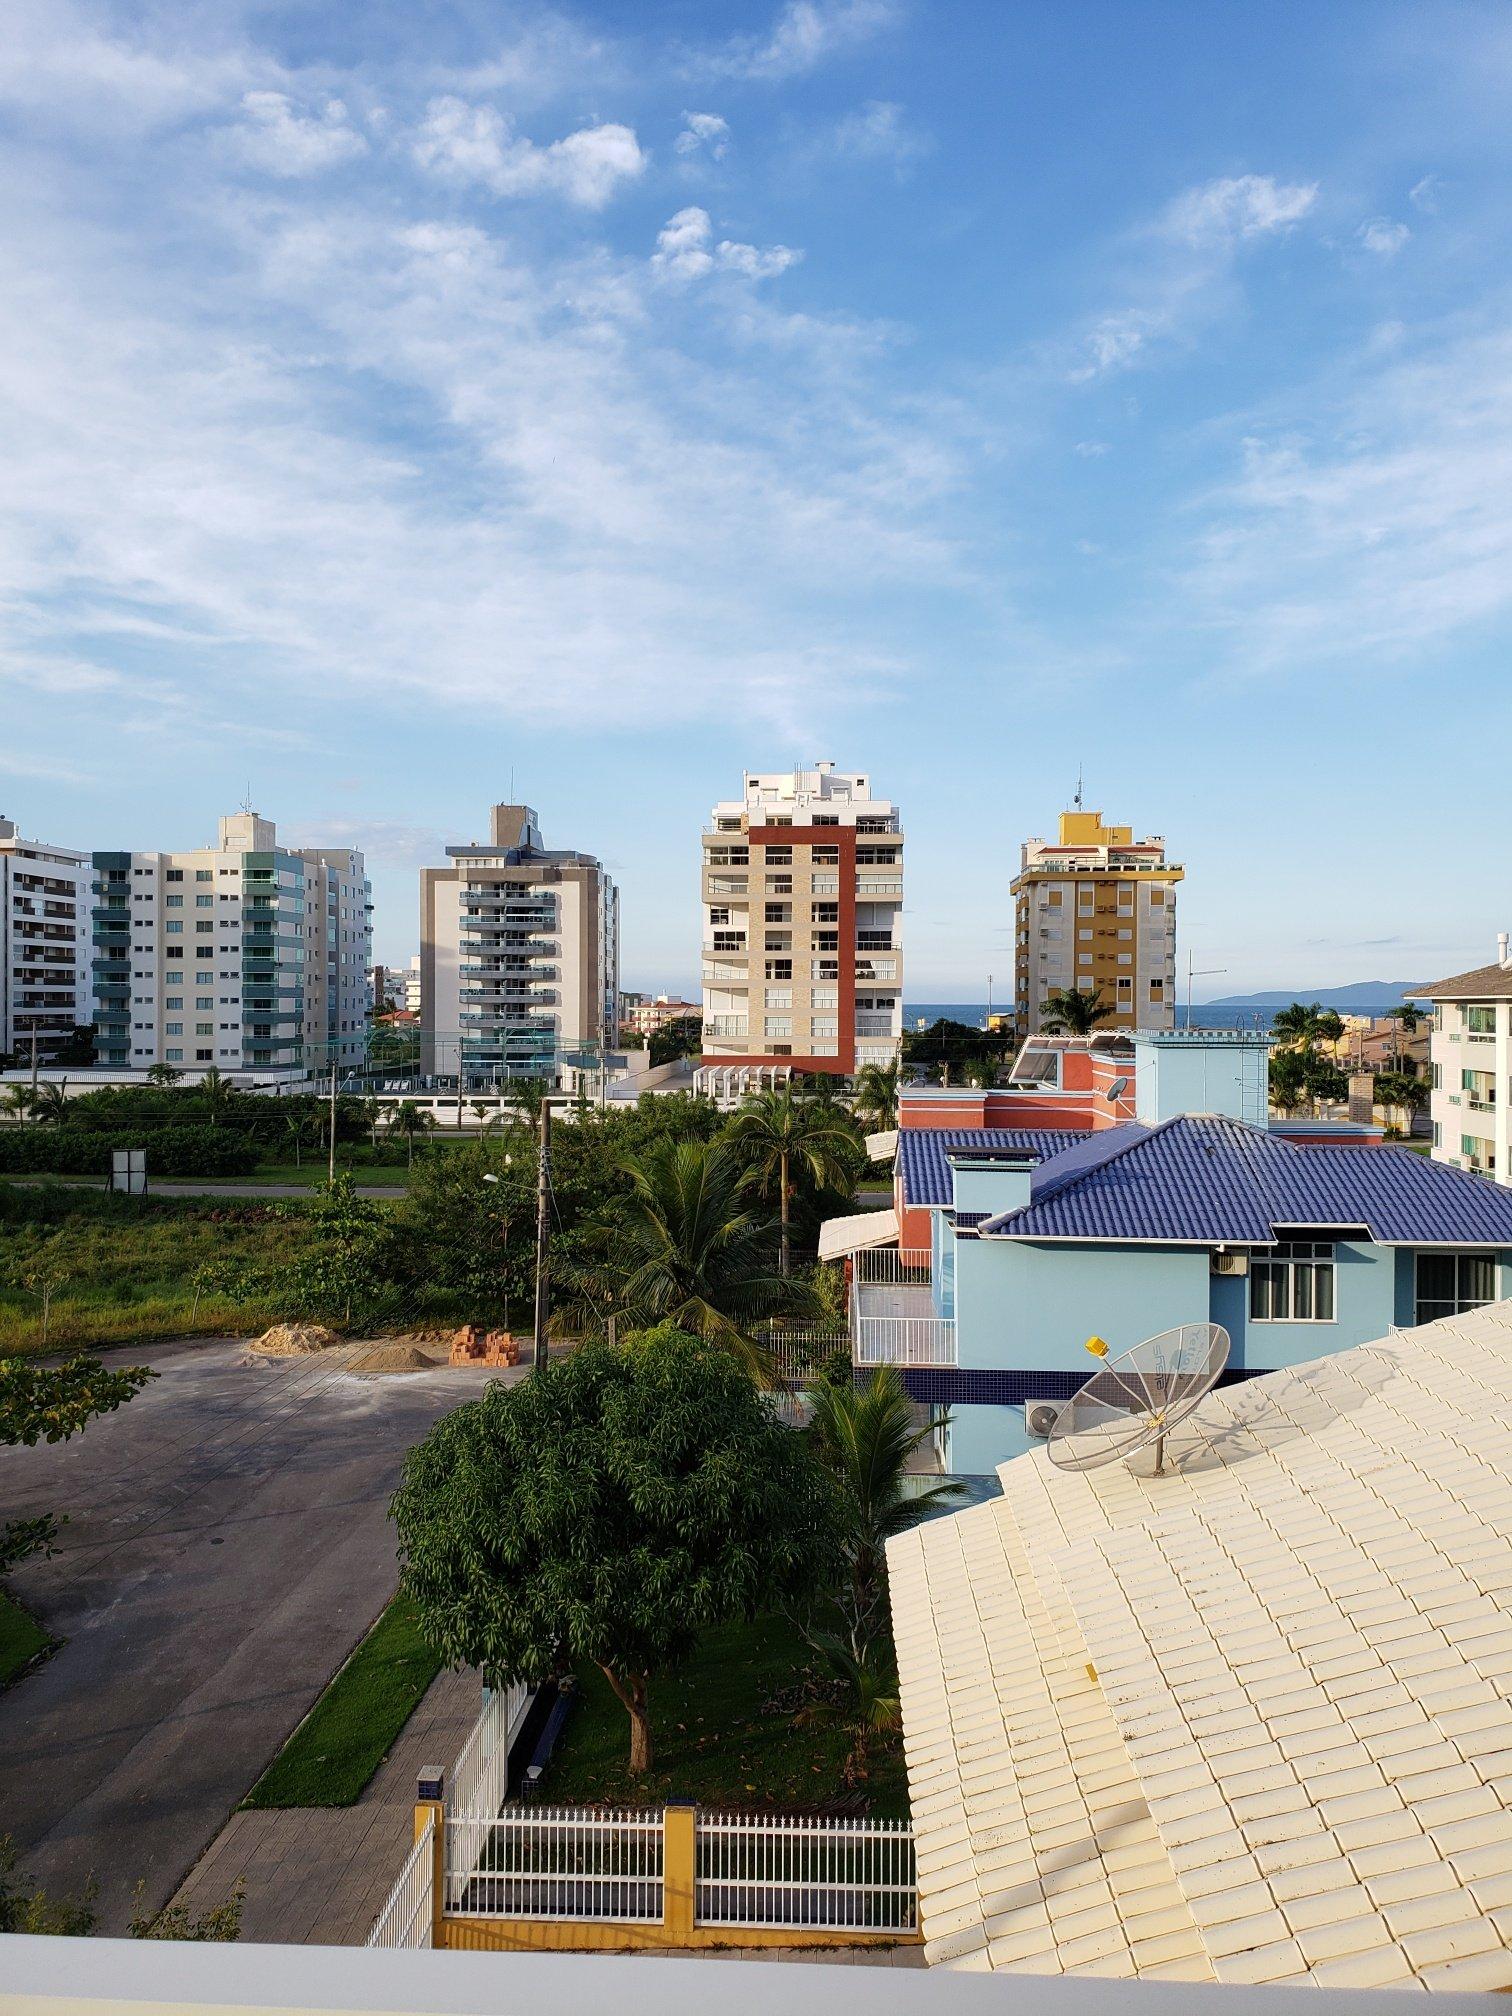 Palmas Mar Residence